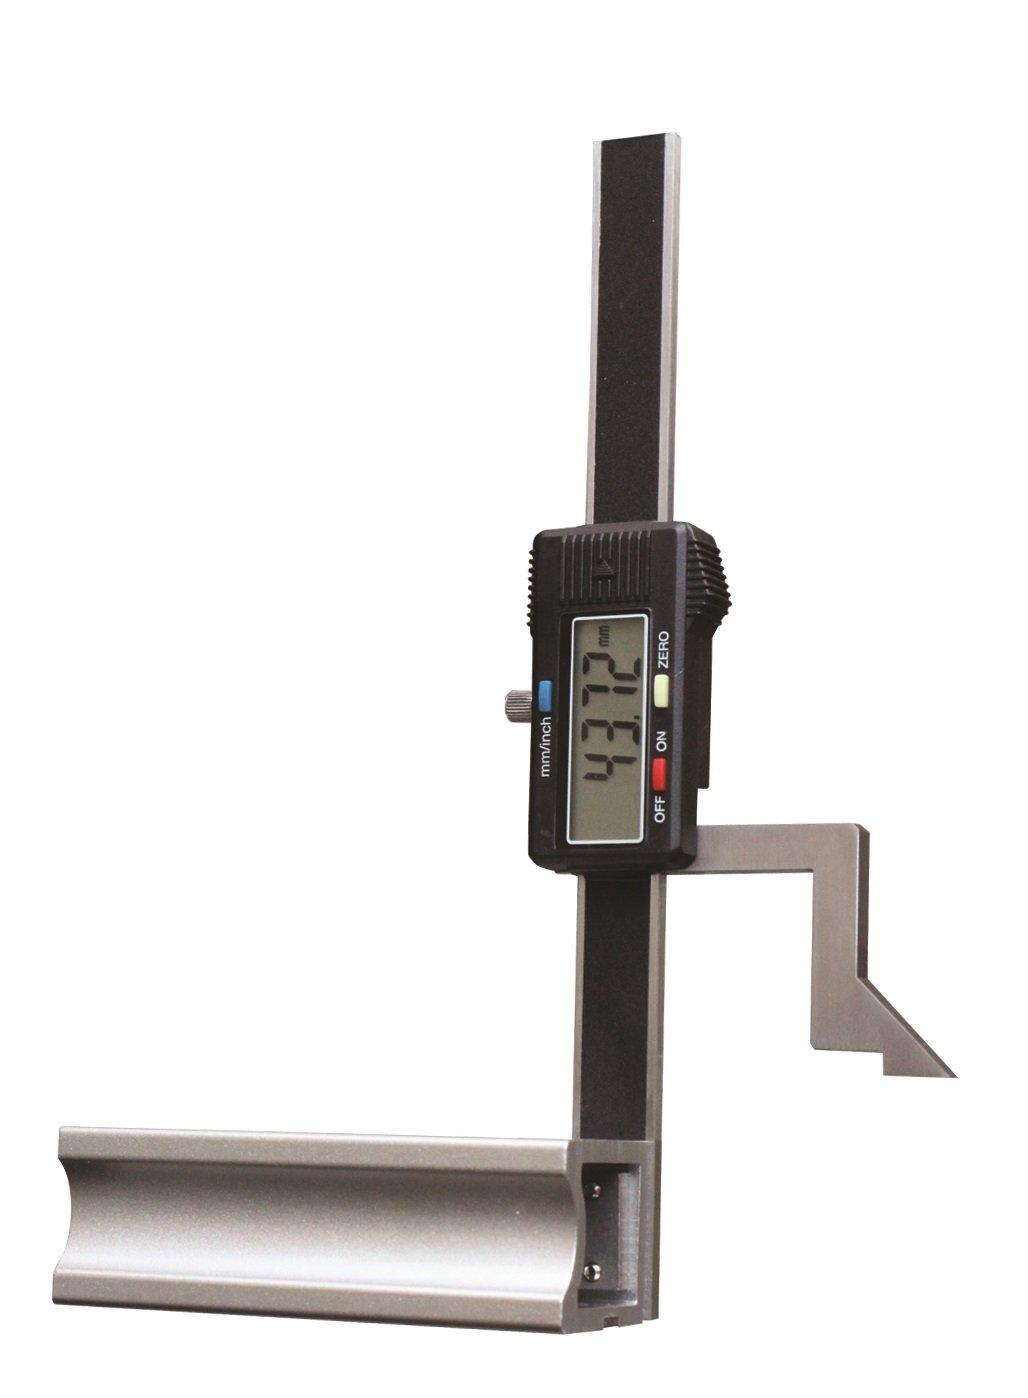 CNC Calidad Digital Altura de medició n y marcador de dispositivo –  ligero –  Rango de medició n 200 mm CNC QUALITÄT